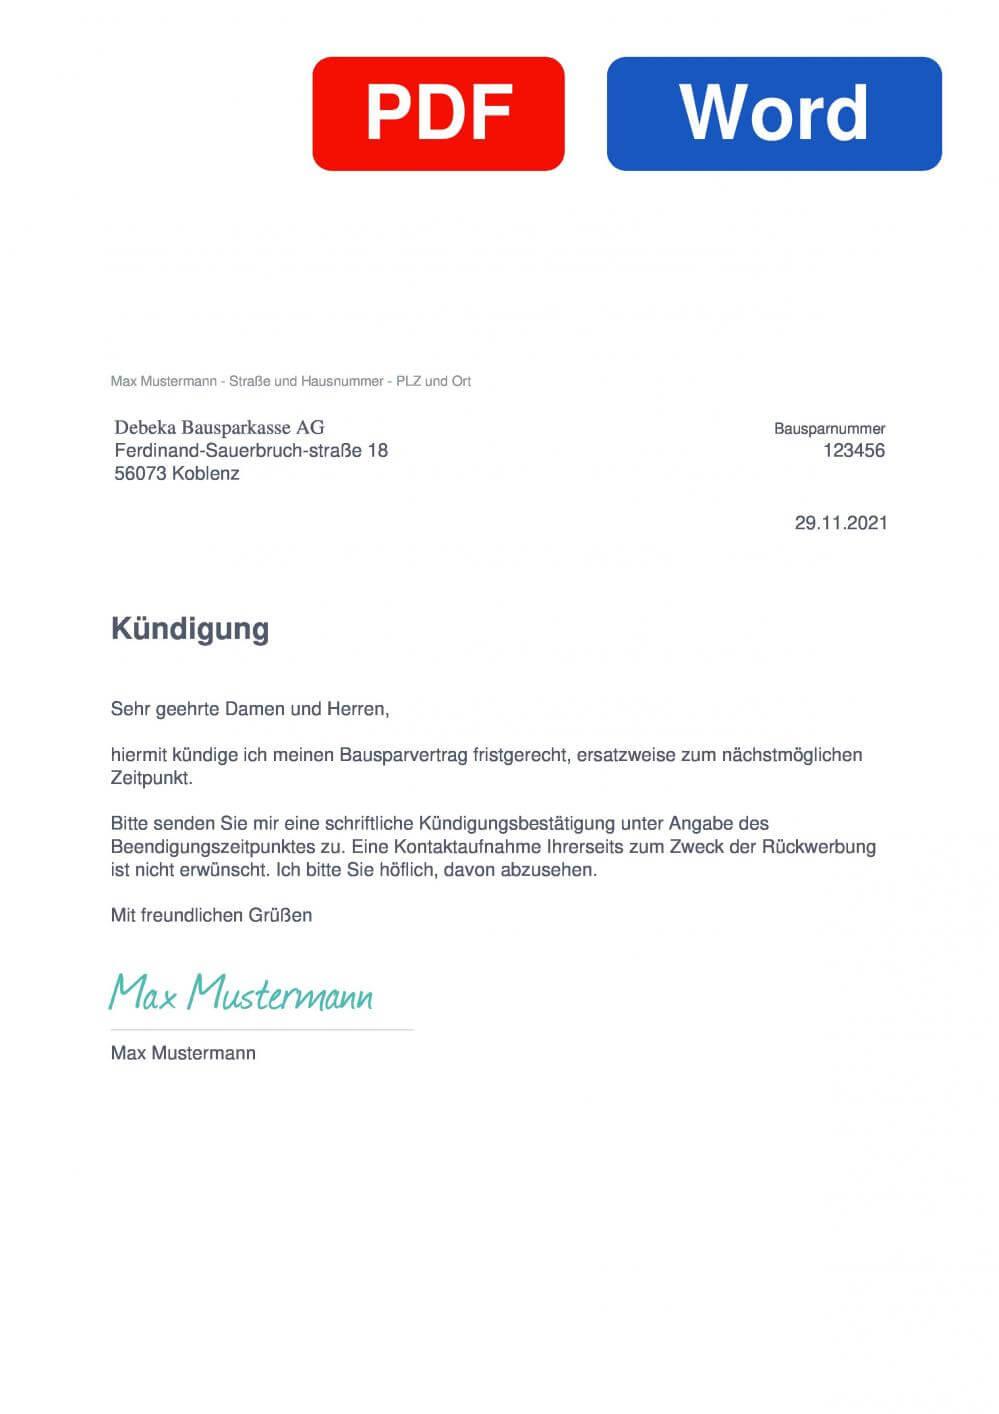 Debeka Bausparkasse Muster Vorlage für Kündigungsschreiben